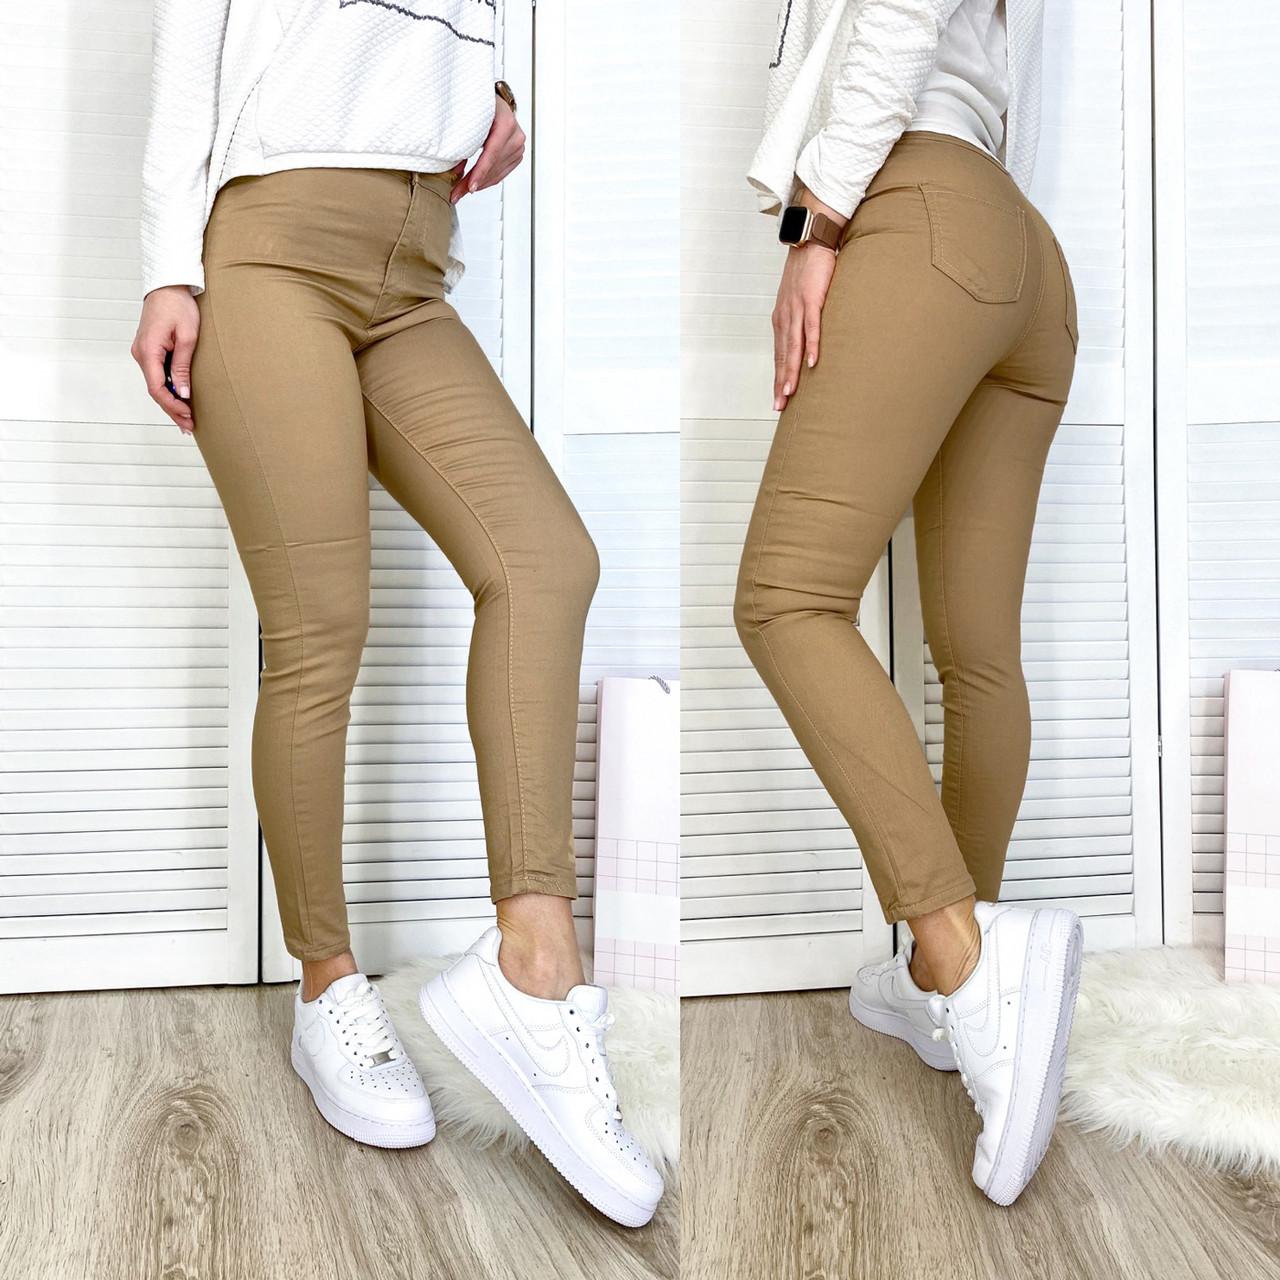 30003-11 темно-бежевые Bikelife джинсы женские летние стрейчевые (S-XL, 8 ед.)